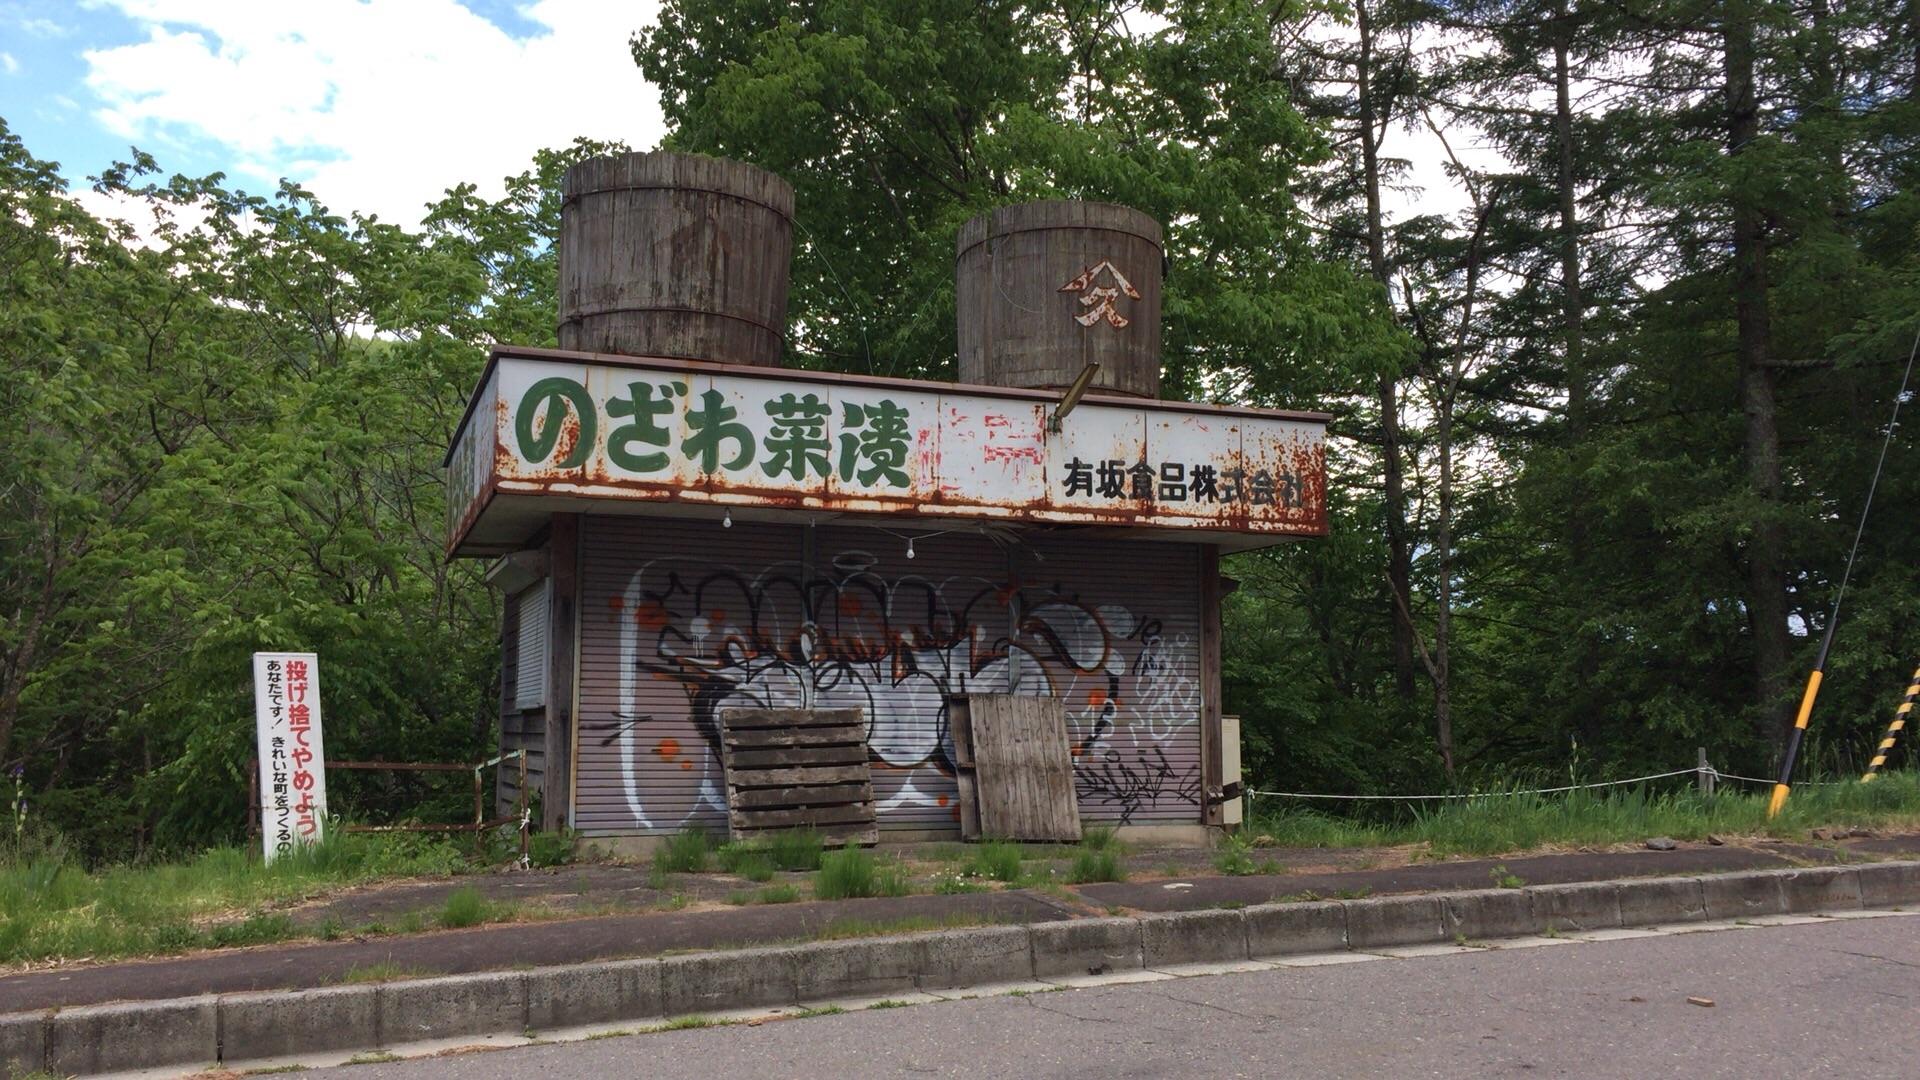 f:id:mfj_maap_jp:20170627233744j:image